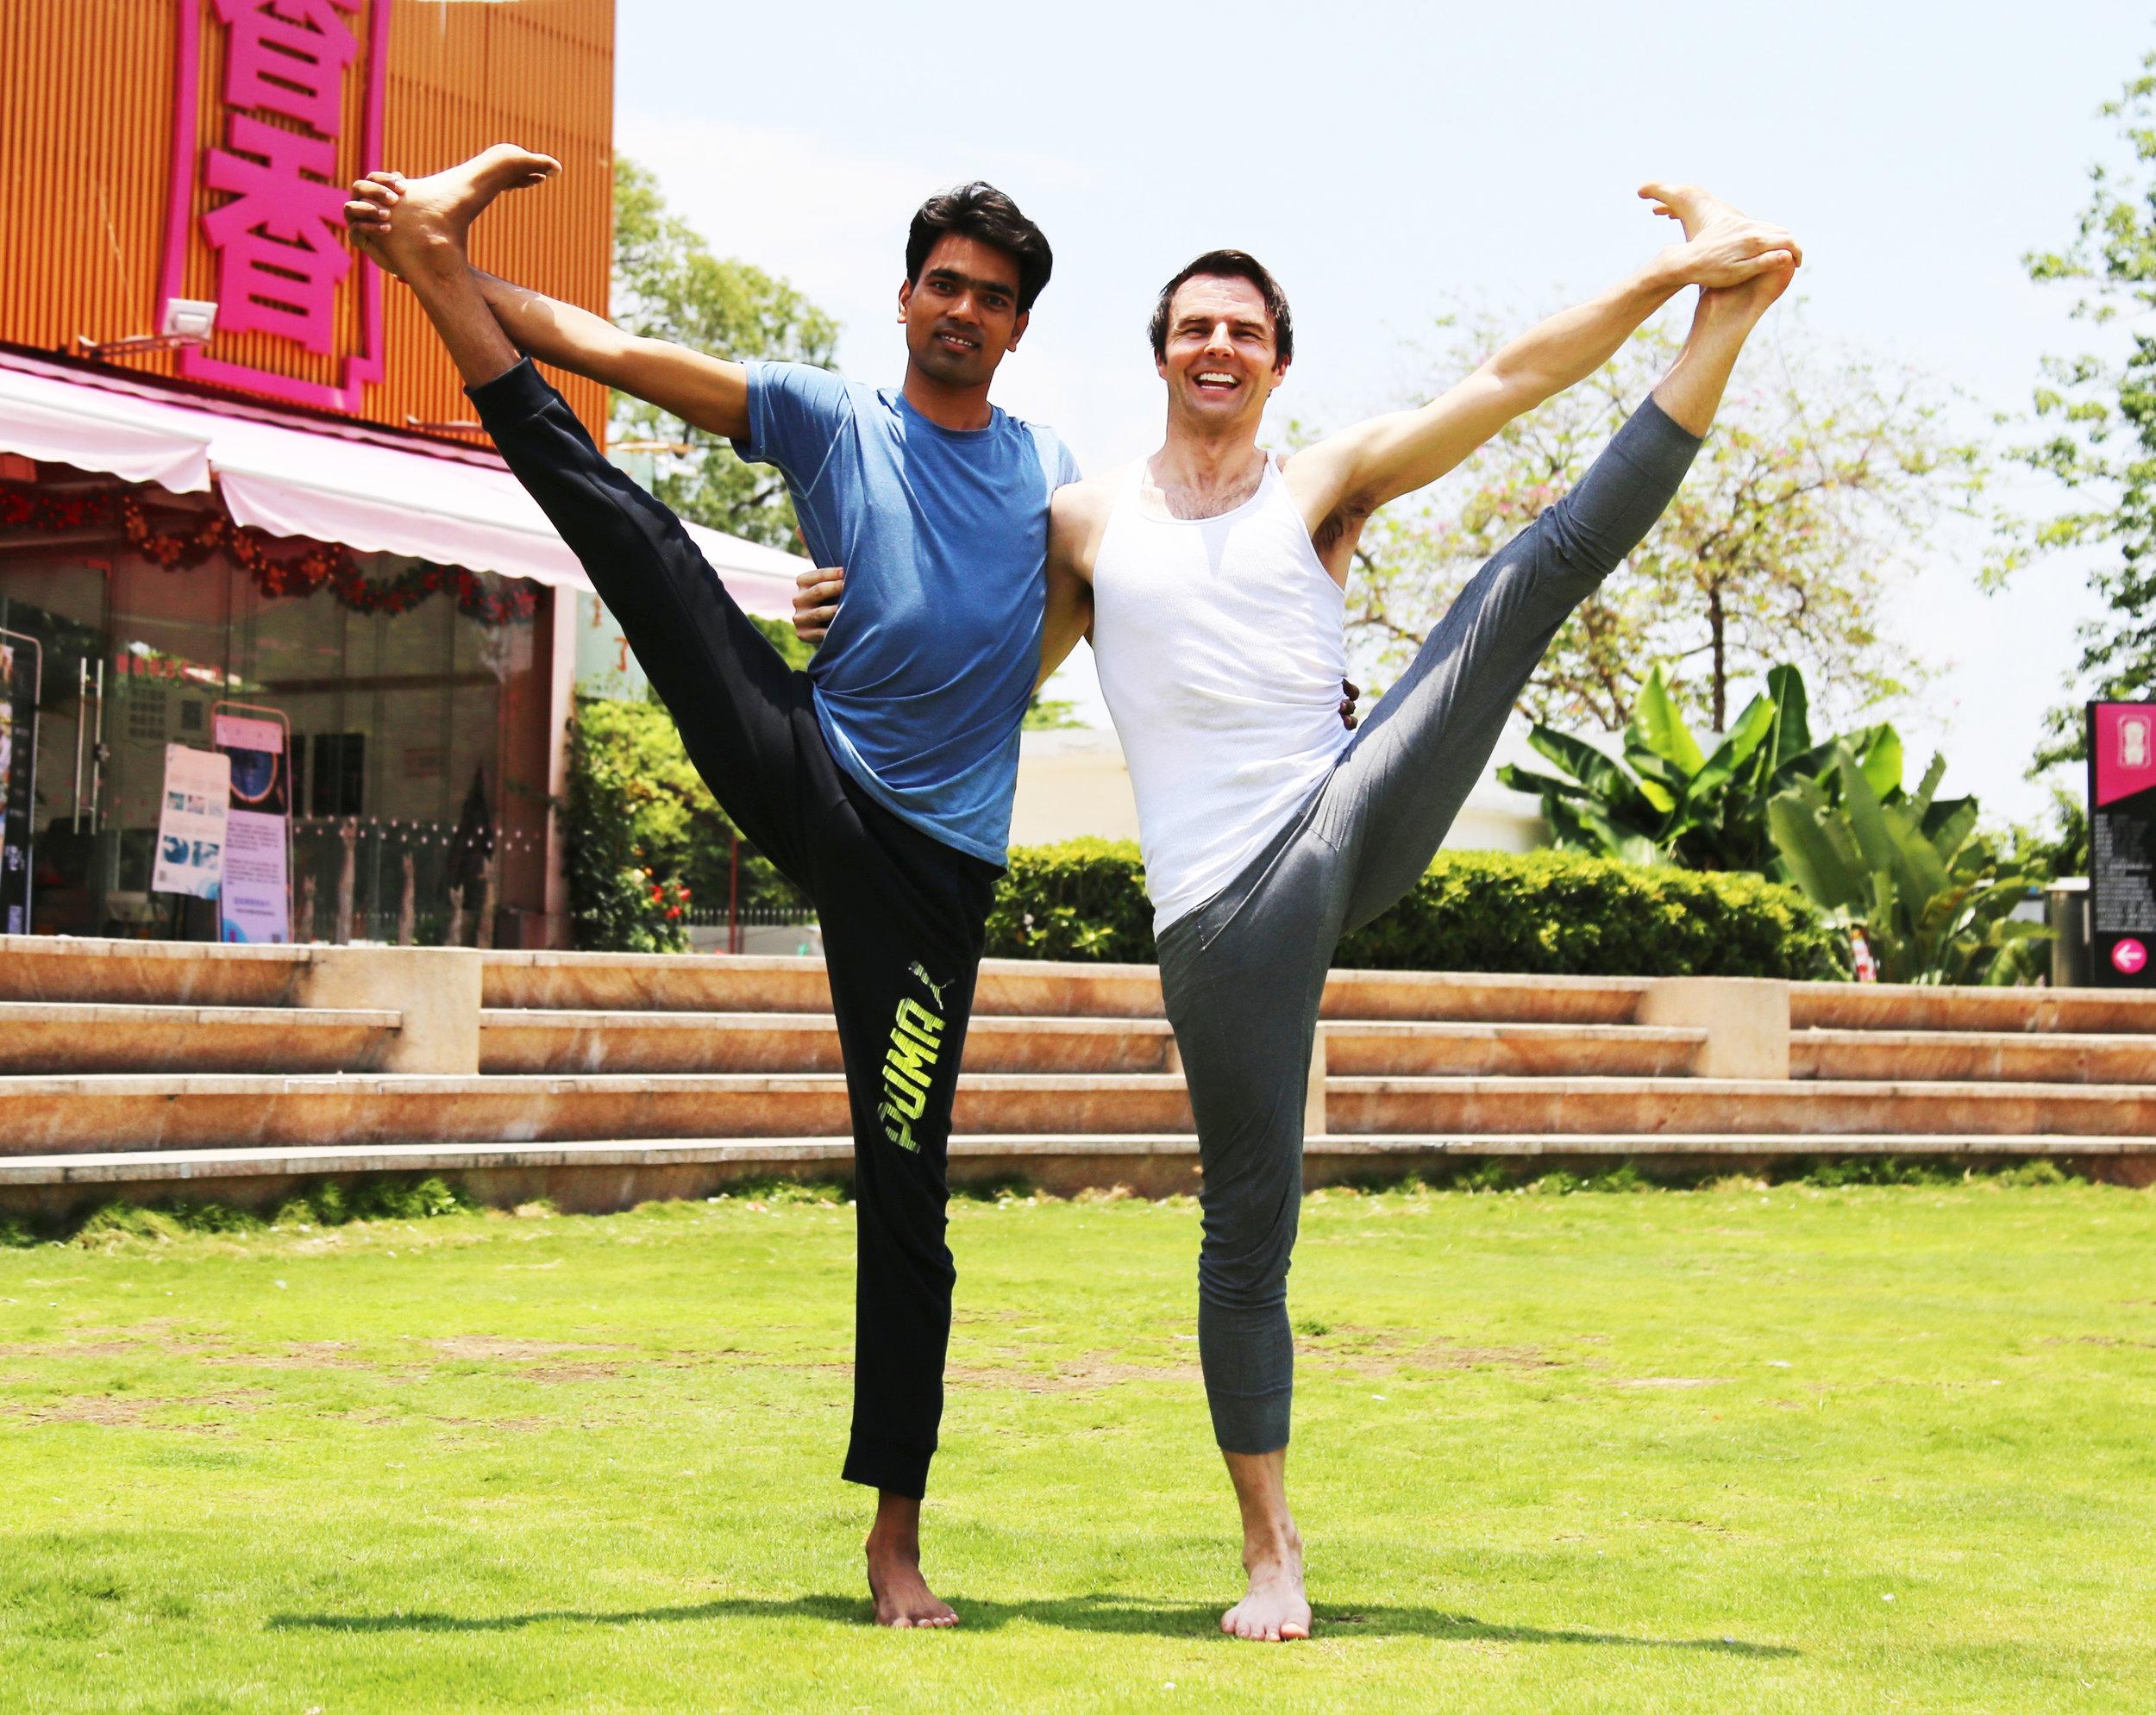 Garth & Digya - Ballet Dancer - Shenzhen.jpg